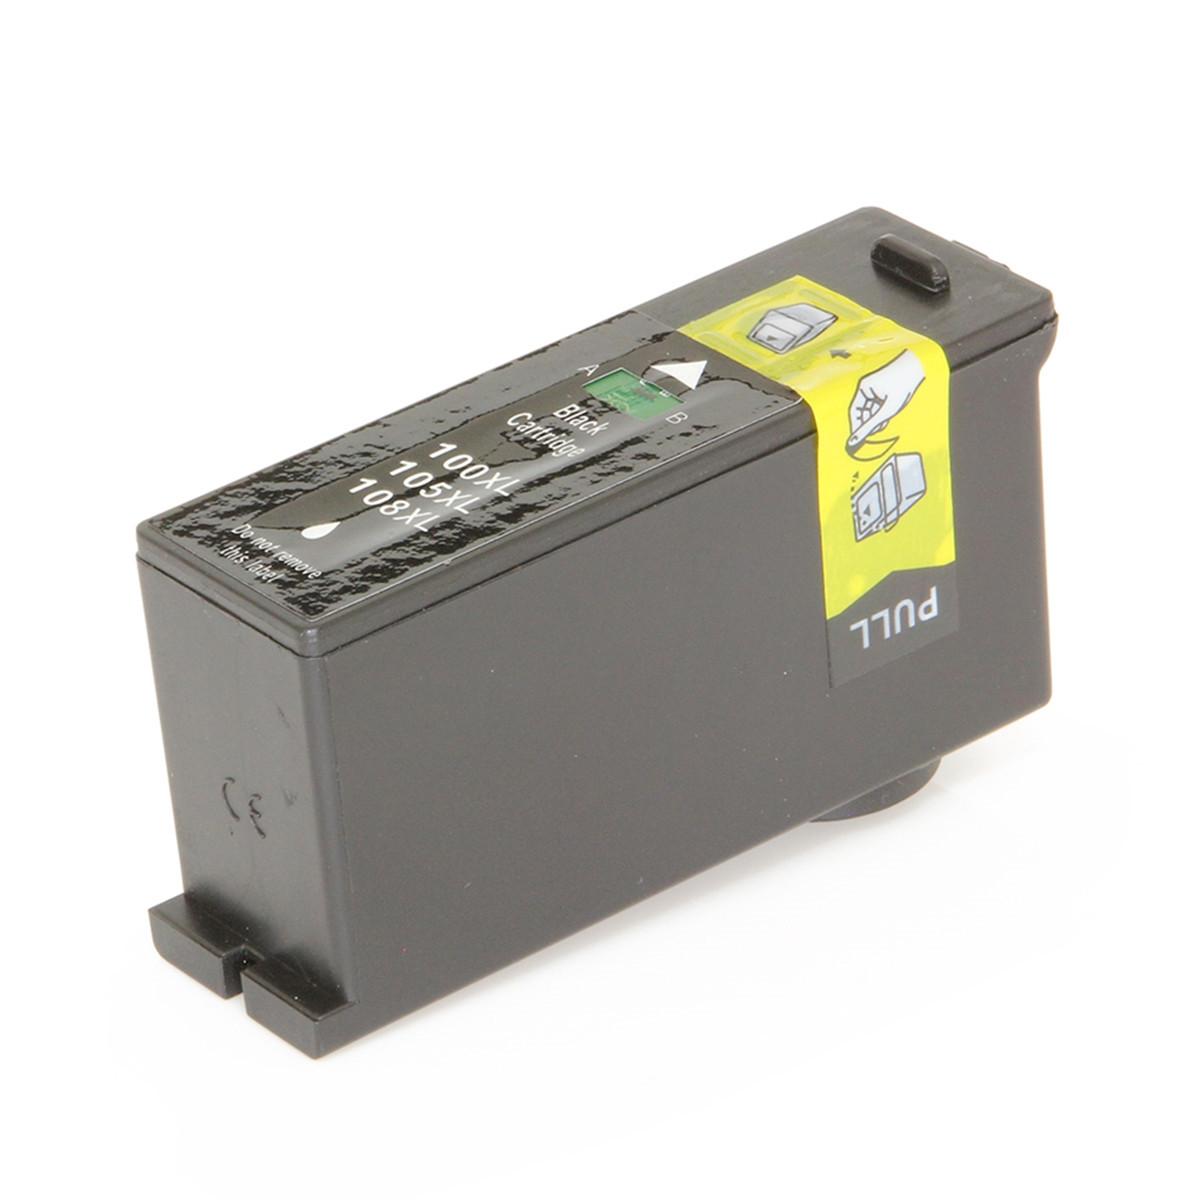 Cartucho de Tinta Compatível com Lexmark 108XL 108 Preto S305 S405 S505 S608 S605 205 S308 21,5ml